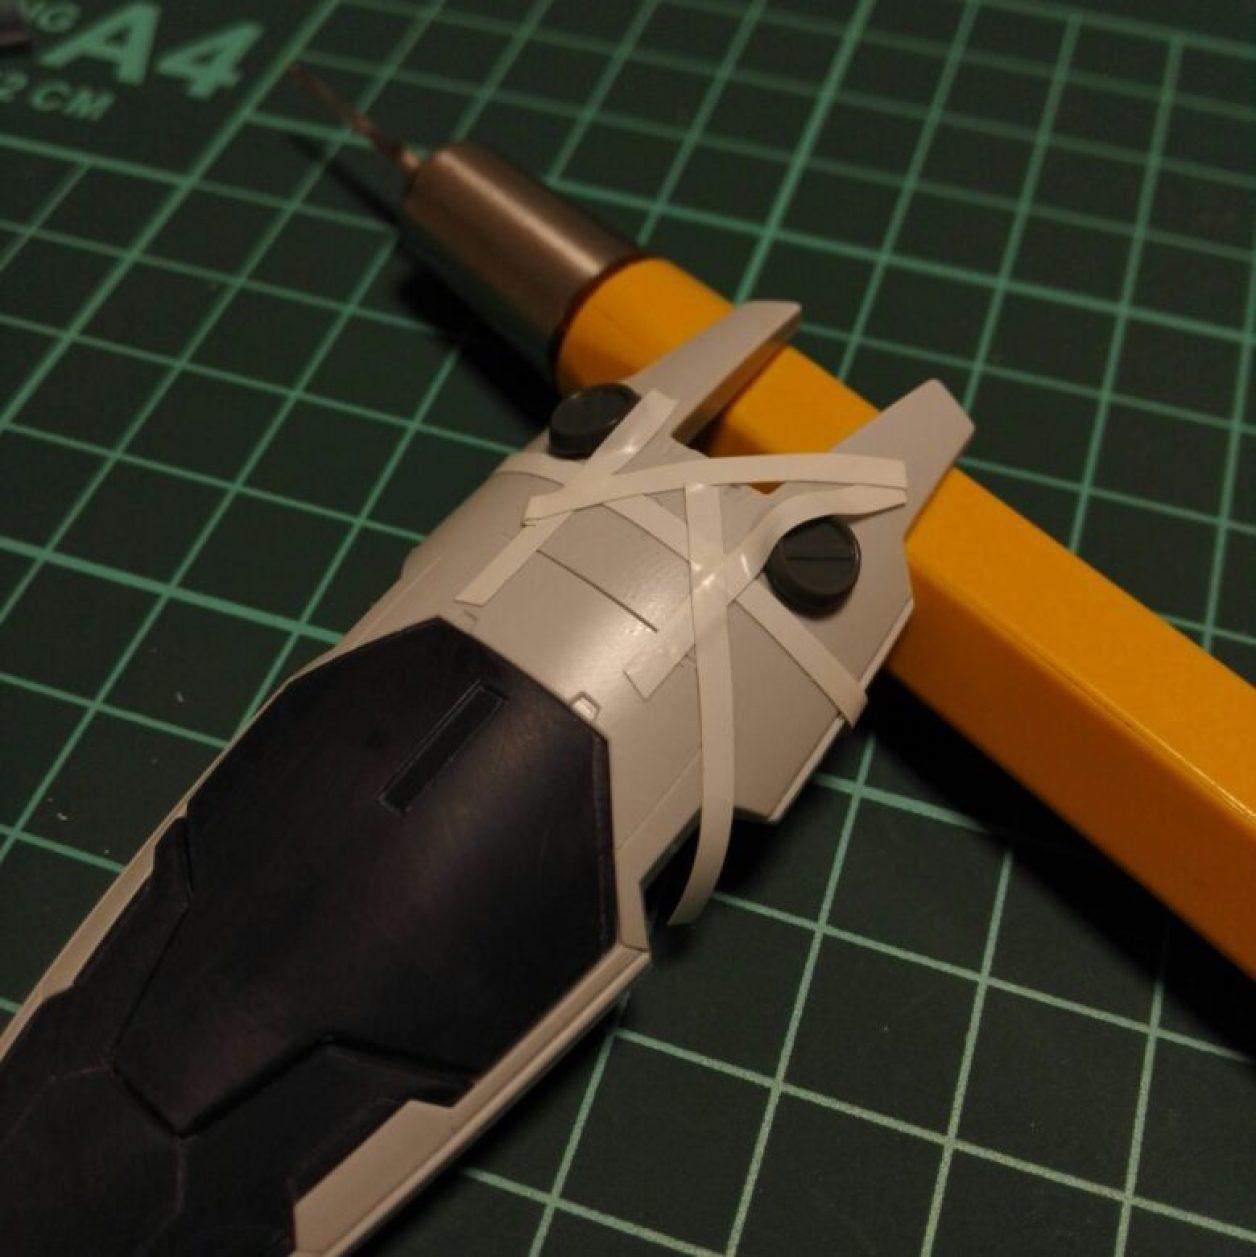 HGUC ガンダムTR-1[ヘイズル改]のジム系MS用シールドにマスキングテープでガイドを作ってスジボリしている画像